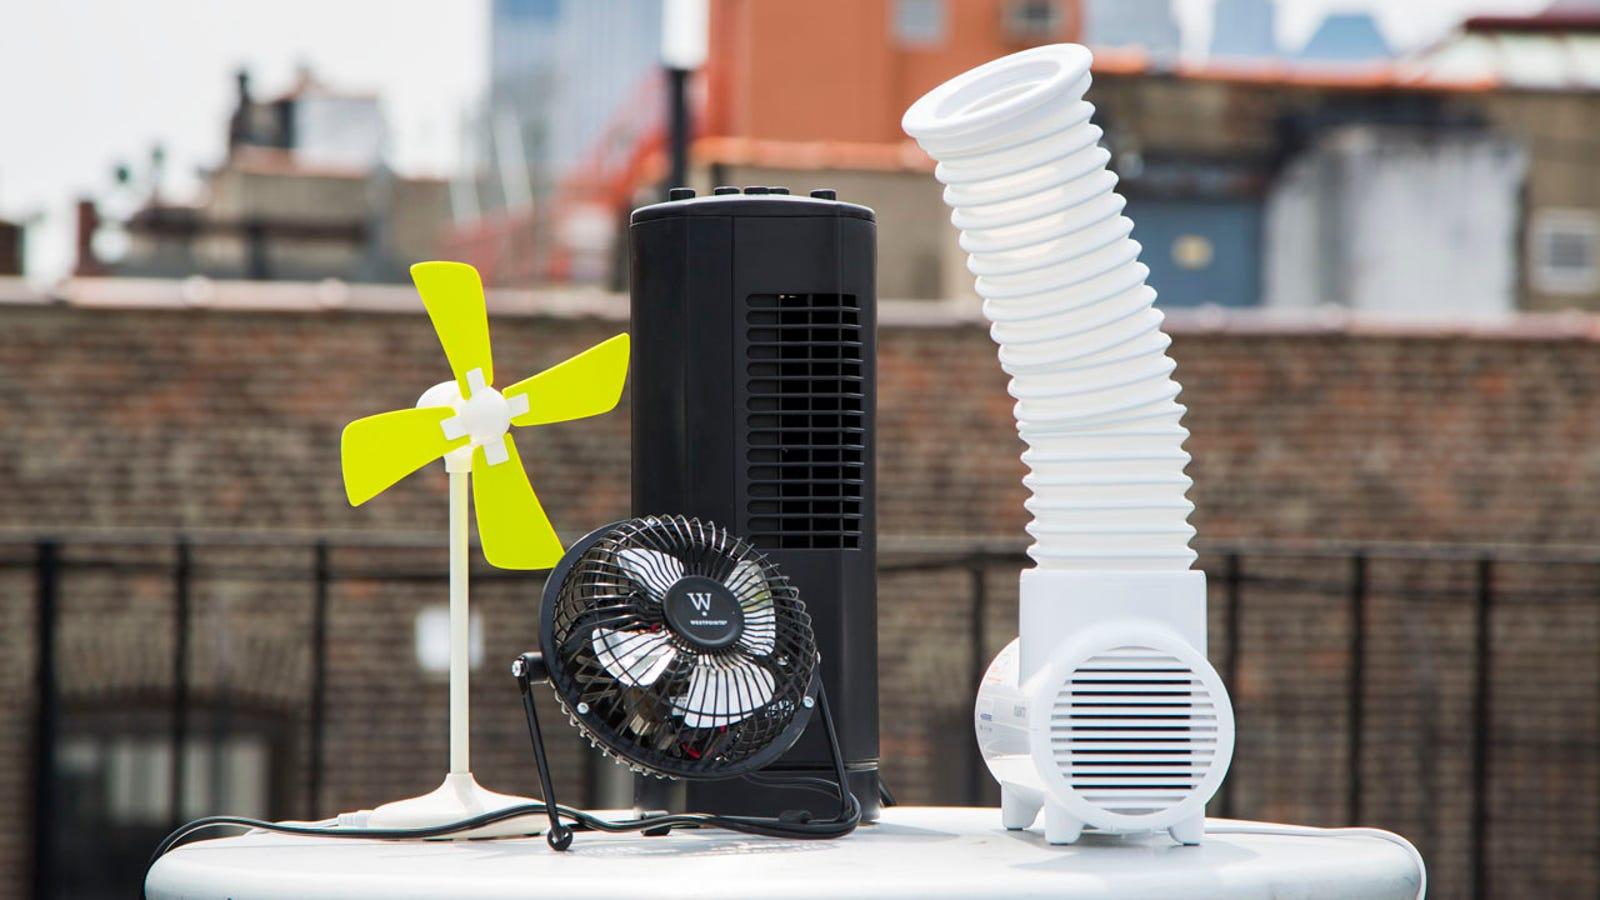 The Best Fan For Your Desk Westpointe 3 Speed Wiring Schematic